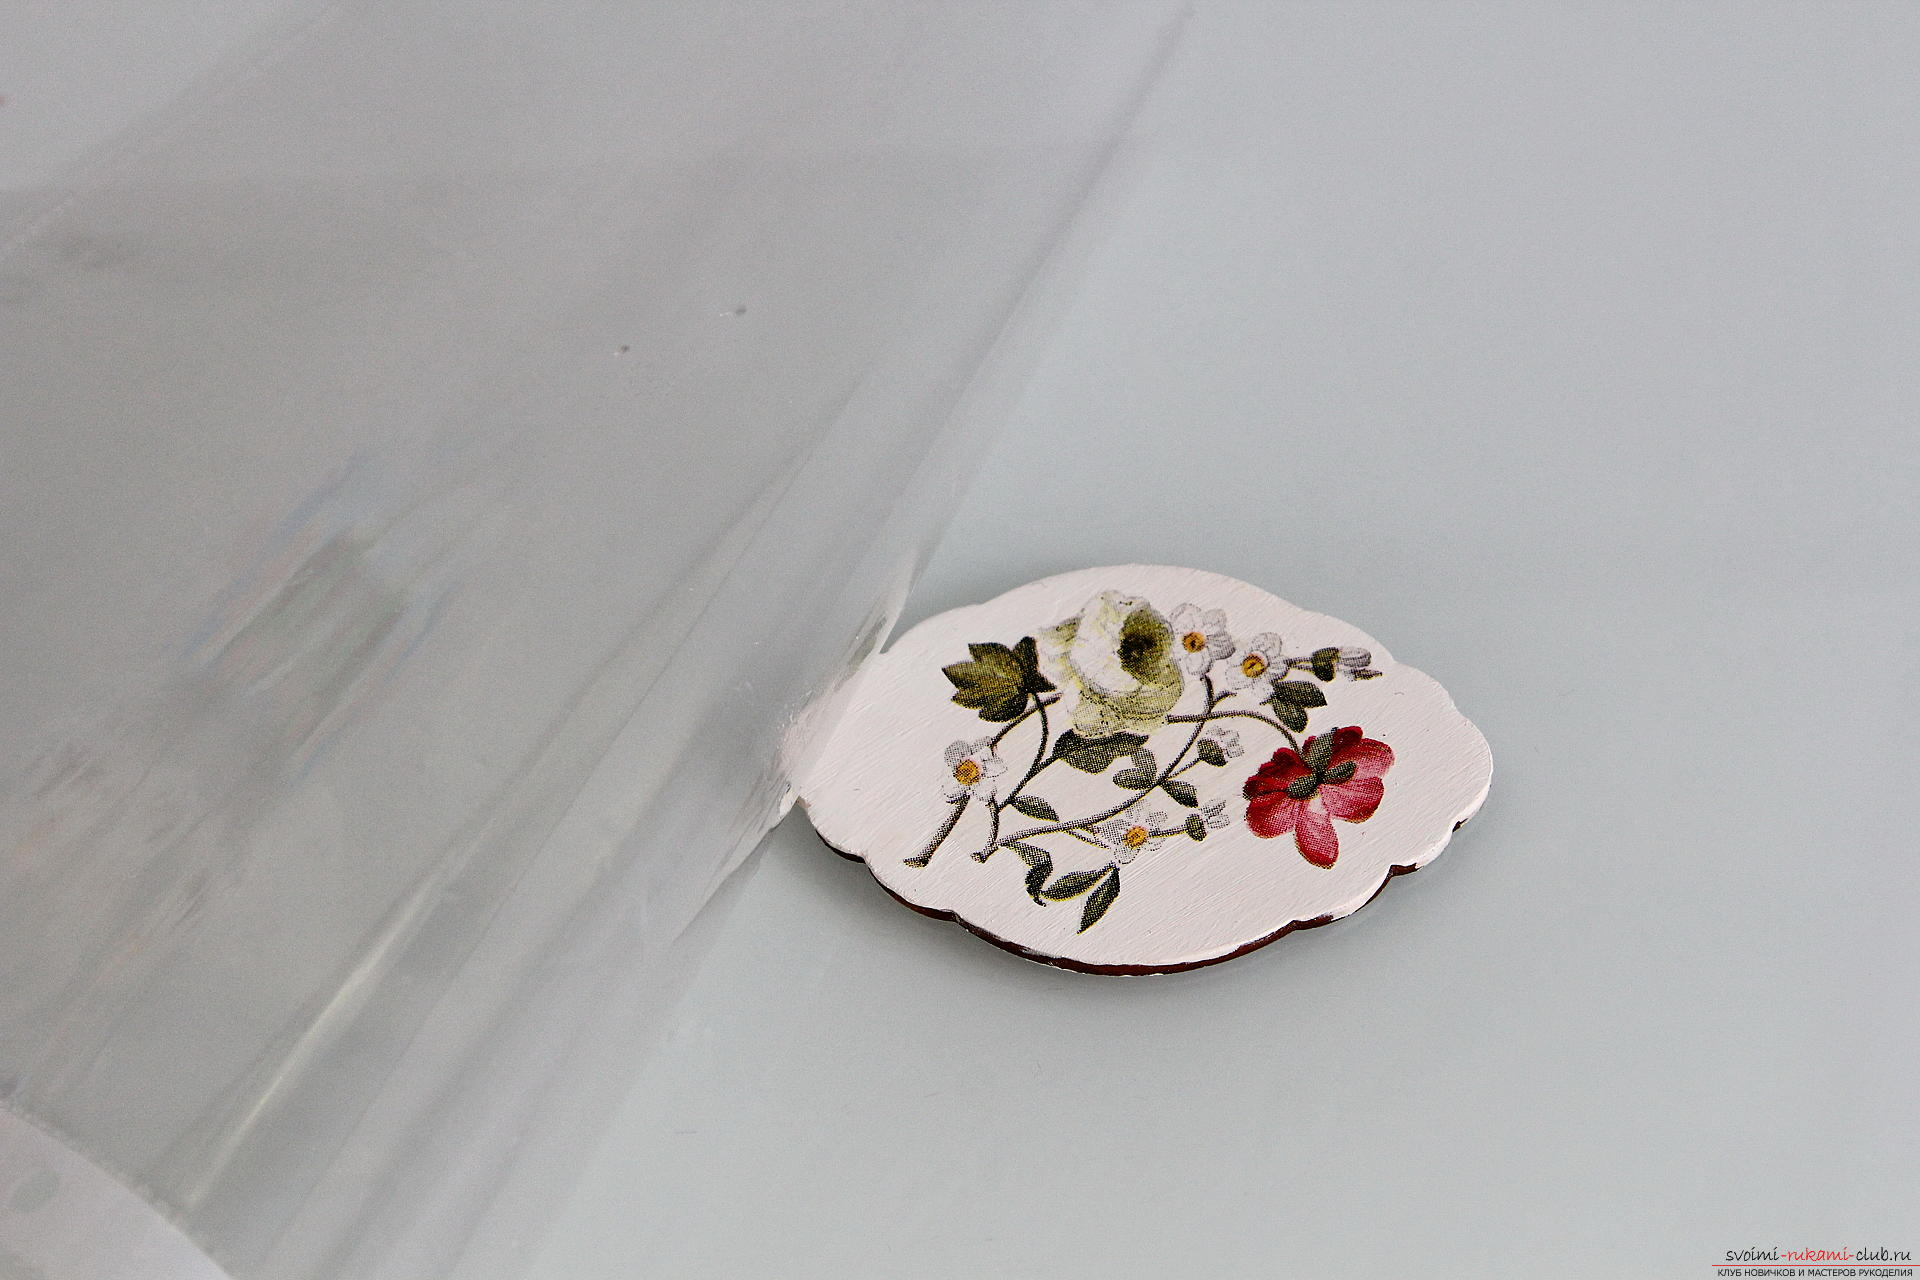 Мастер-класс описывает как декорируется разделочная доска своими руками с использованием техники декупаж.. Фото №9